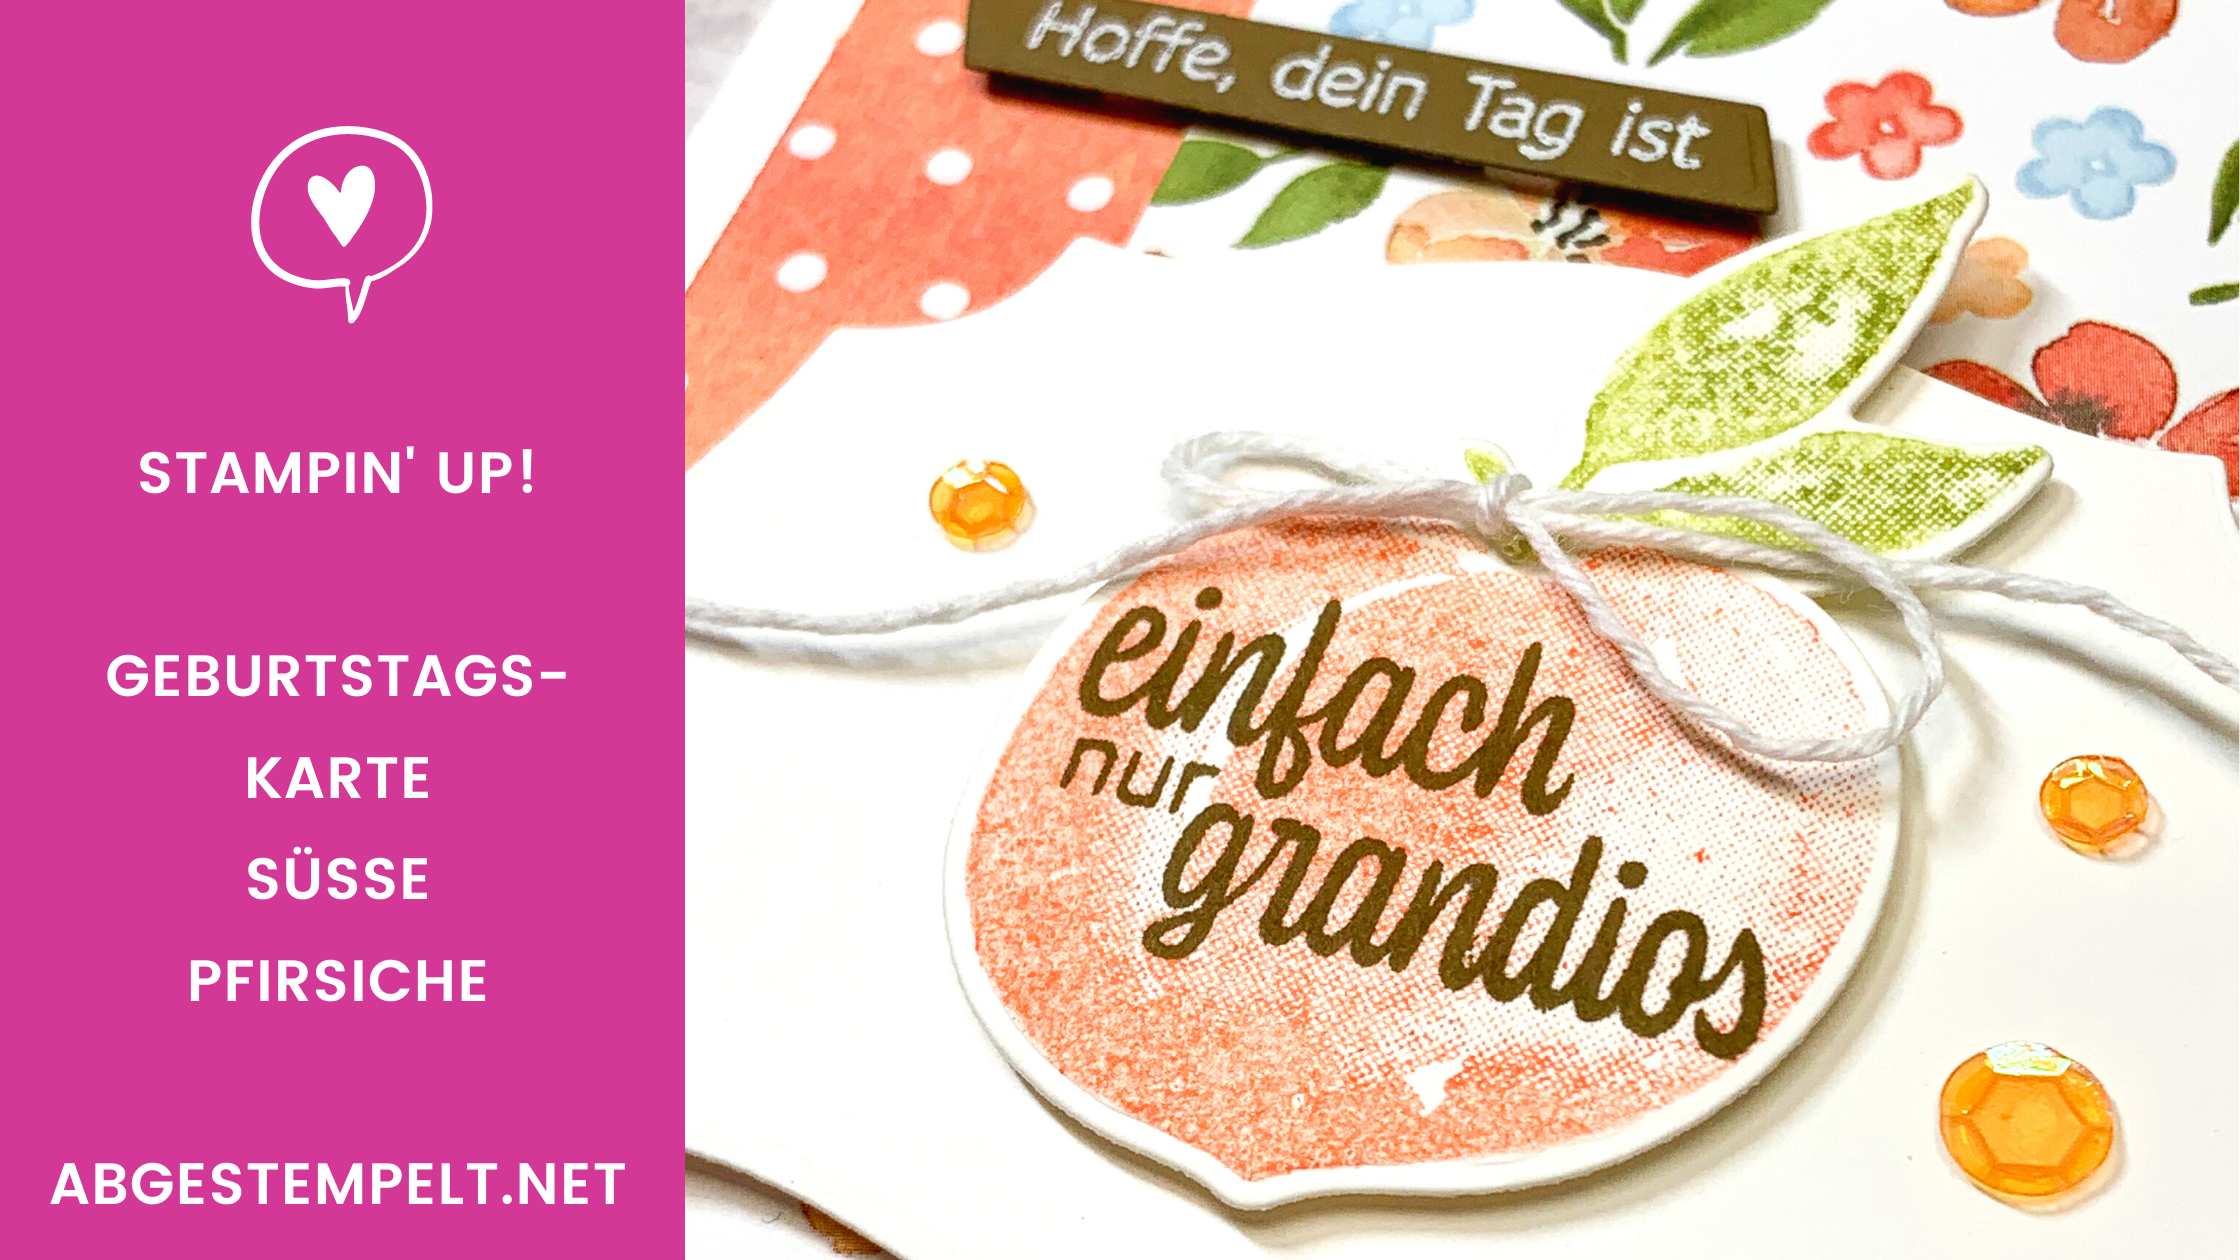 Blog Geburtstagskarte Süsse Pfirsiche stampin up abgestempelt